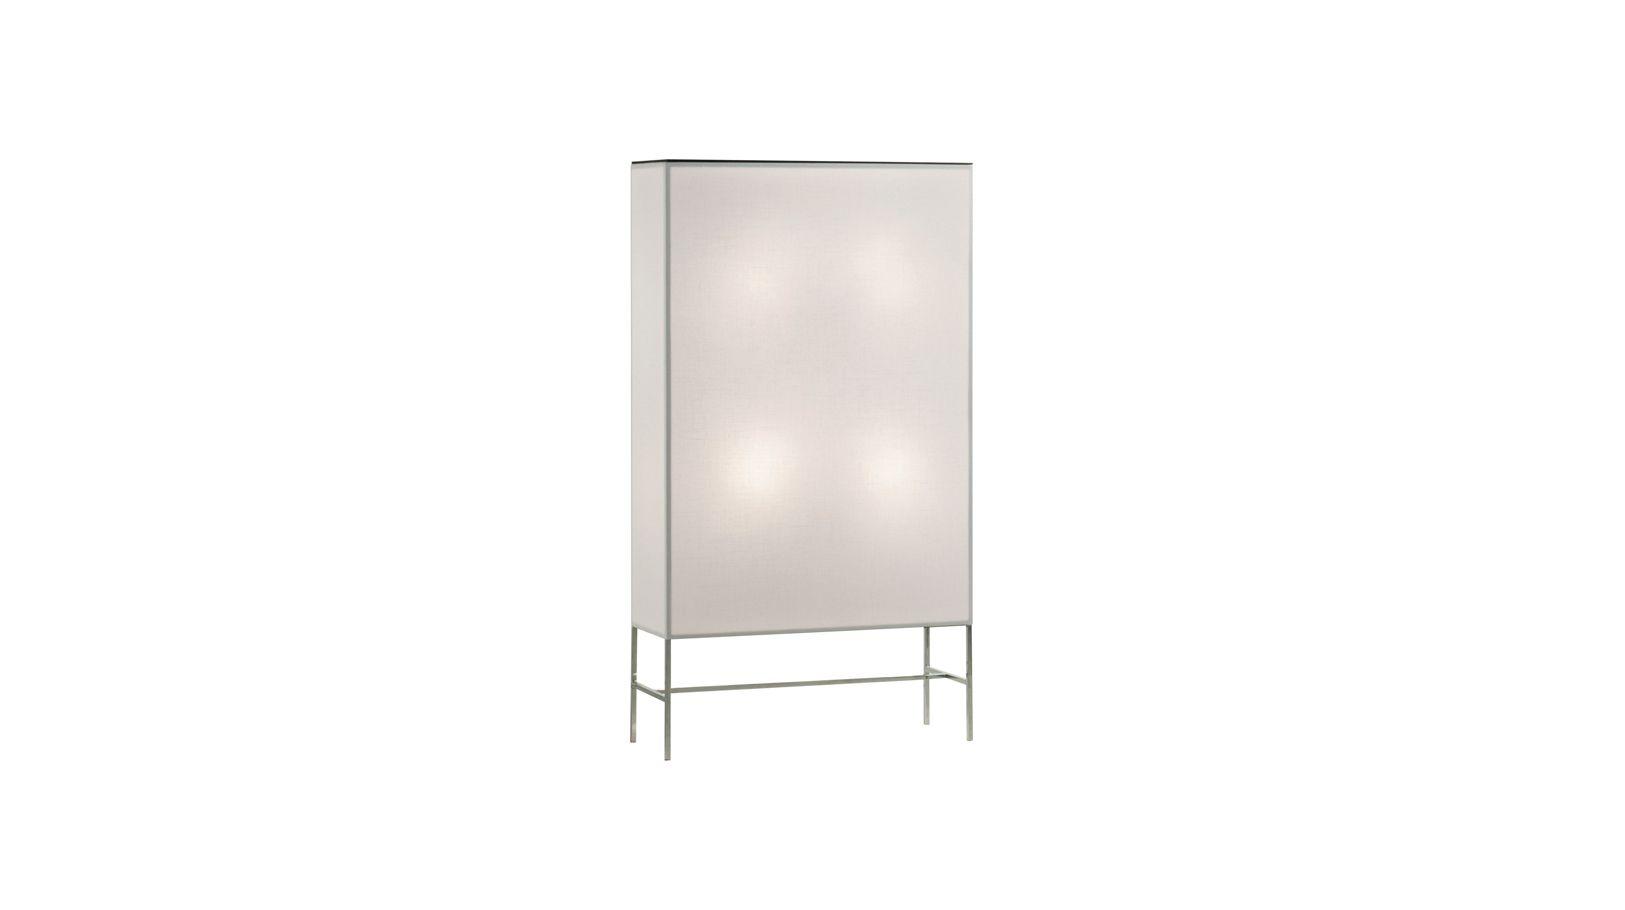 luminaires roche bobois best luminaires roche bobois attraper les yeux luminaire de cuisine. Black Bedroom Furniture Sets. Home Design Ideas